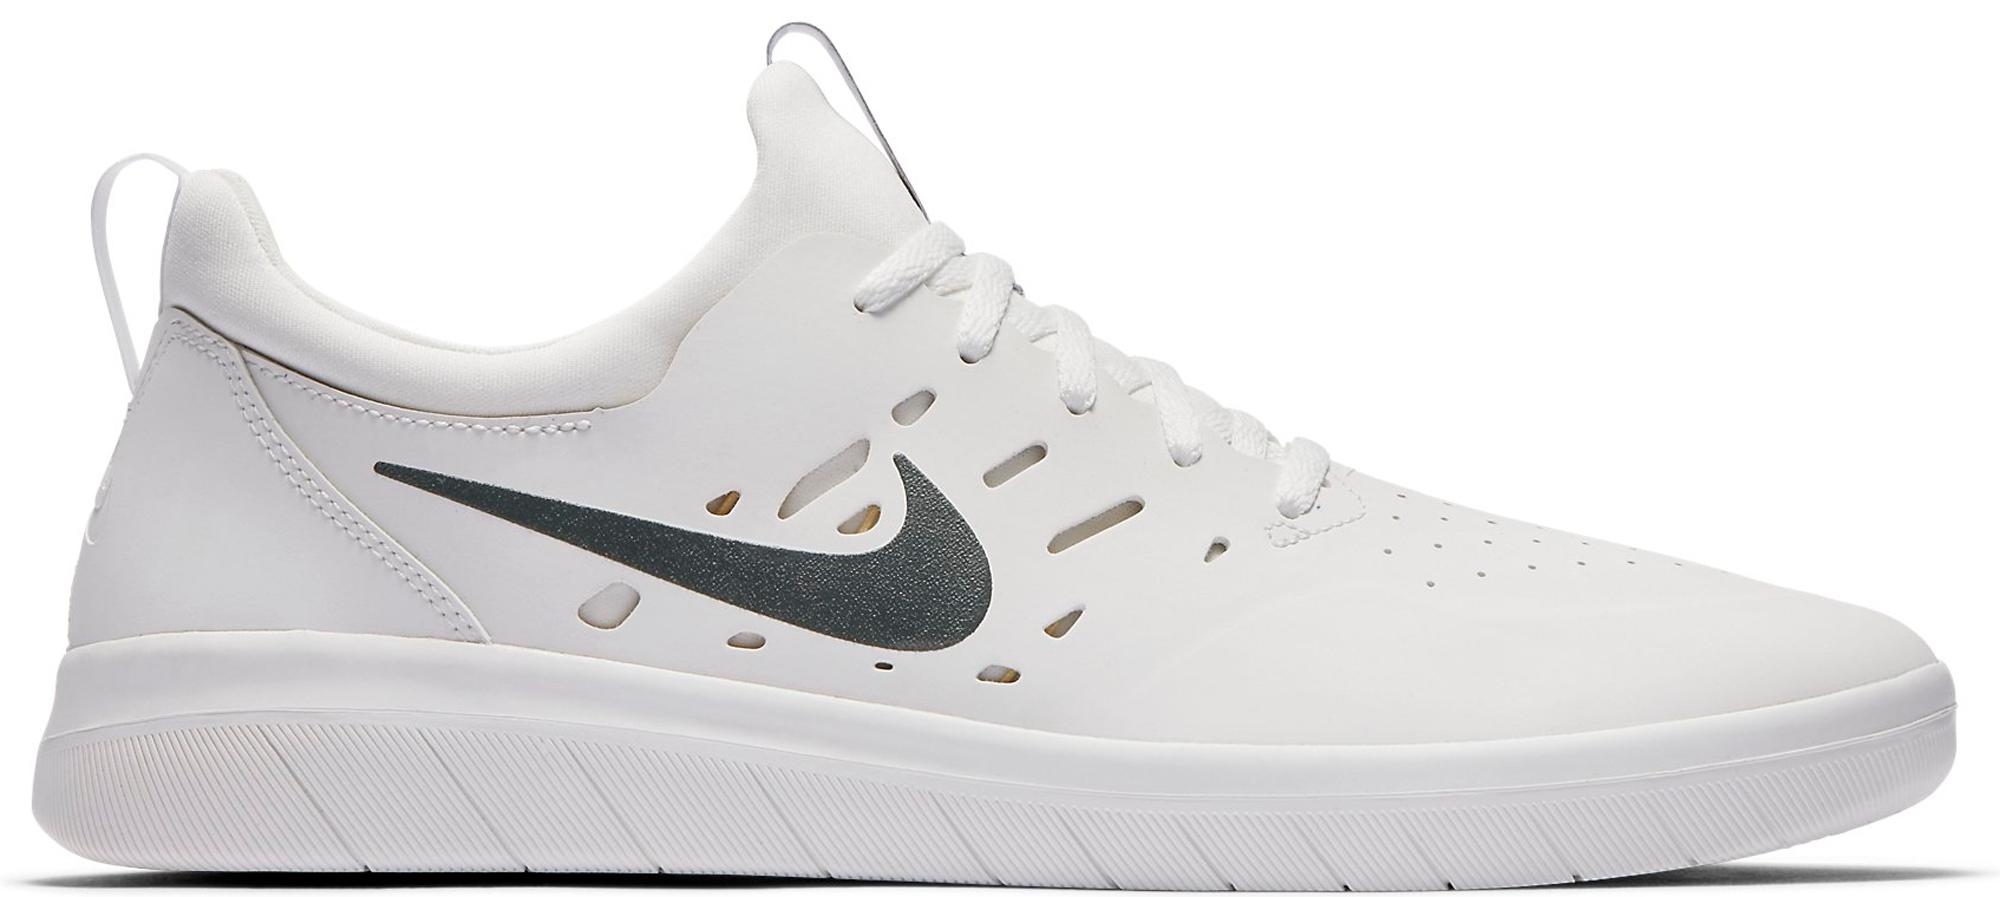 outlet store 836e4 8dca9 HypeAnalyzer · Nike SB Nyjah White Anthracite